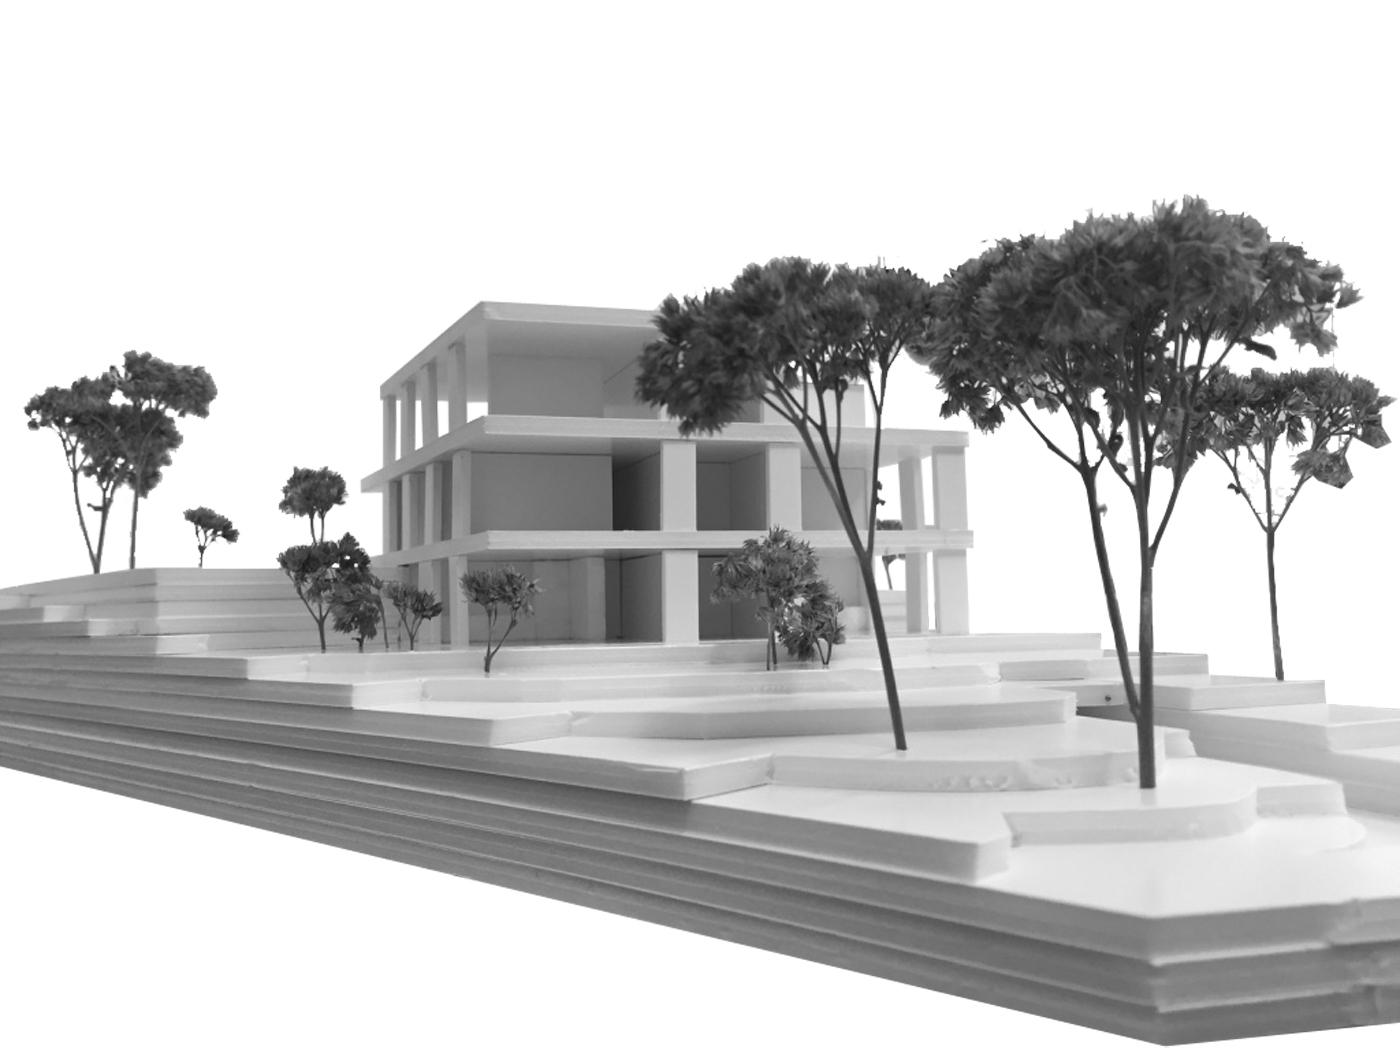 buan architekten – Wohnhaus Nelkenstrasse Emmen – Personenperspektive Modell